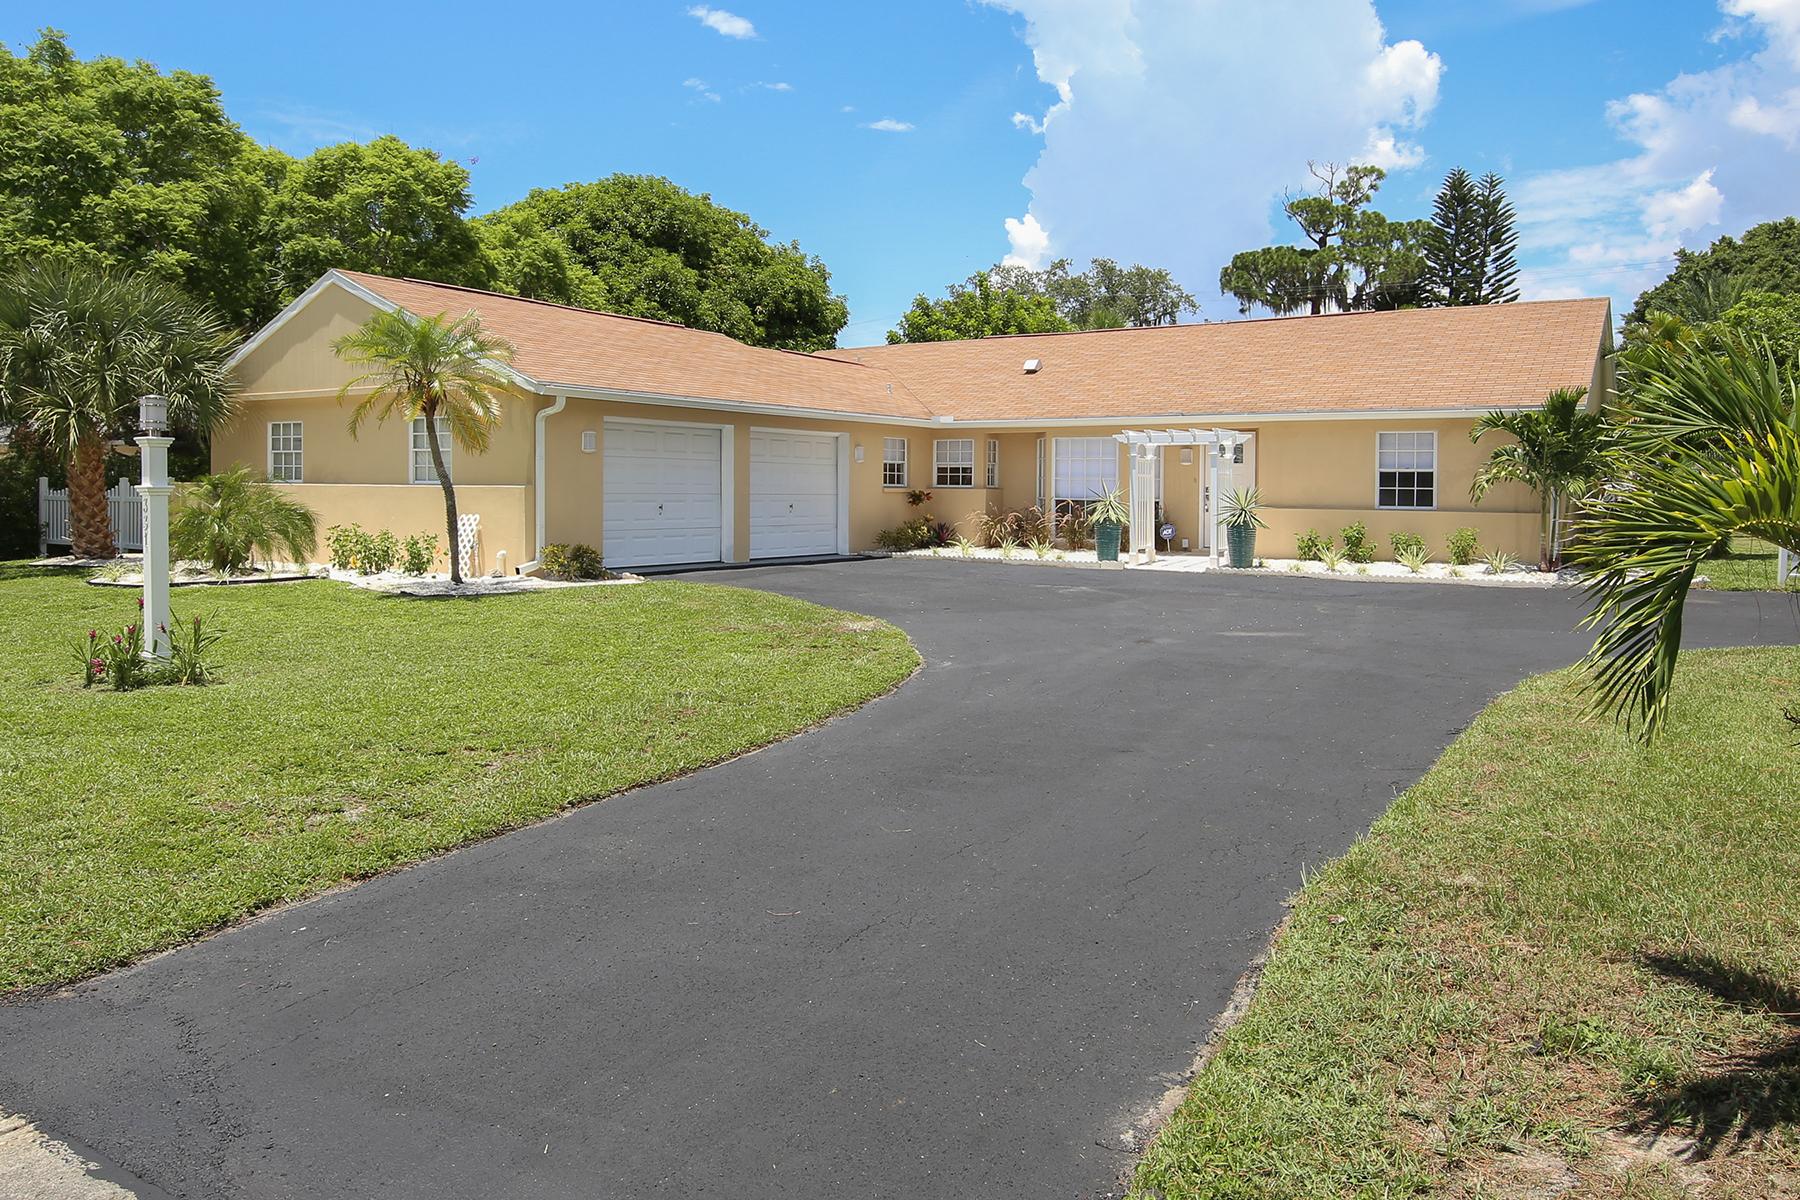 Casa para uma família para Venda às WHITFIELD ESTATES 331 Scott Ave Sarasota, Florida, 34243 Estados Unidos